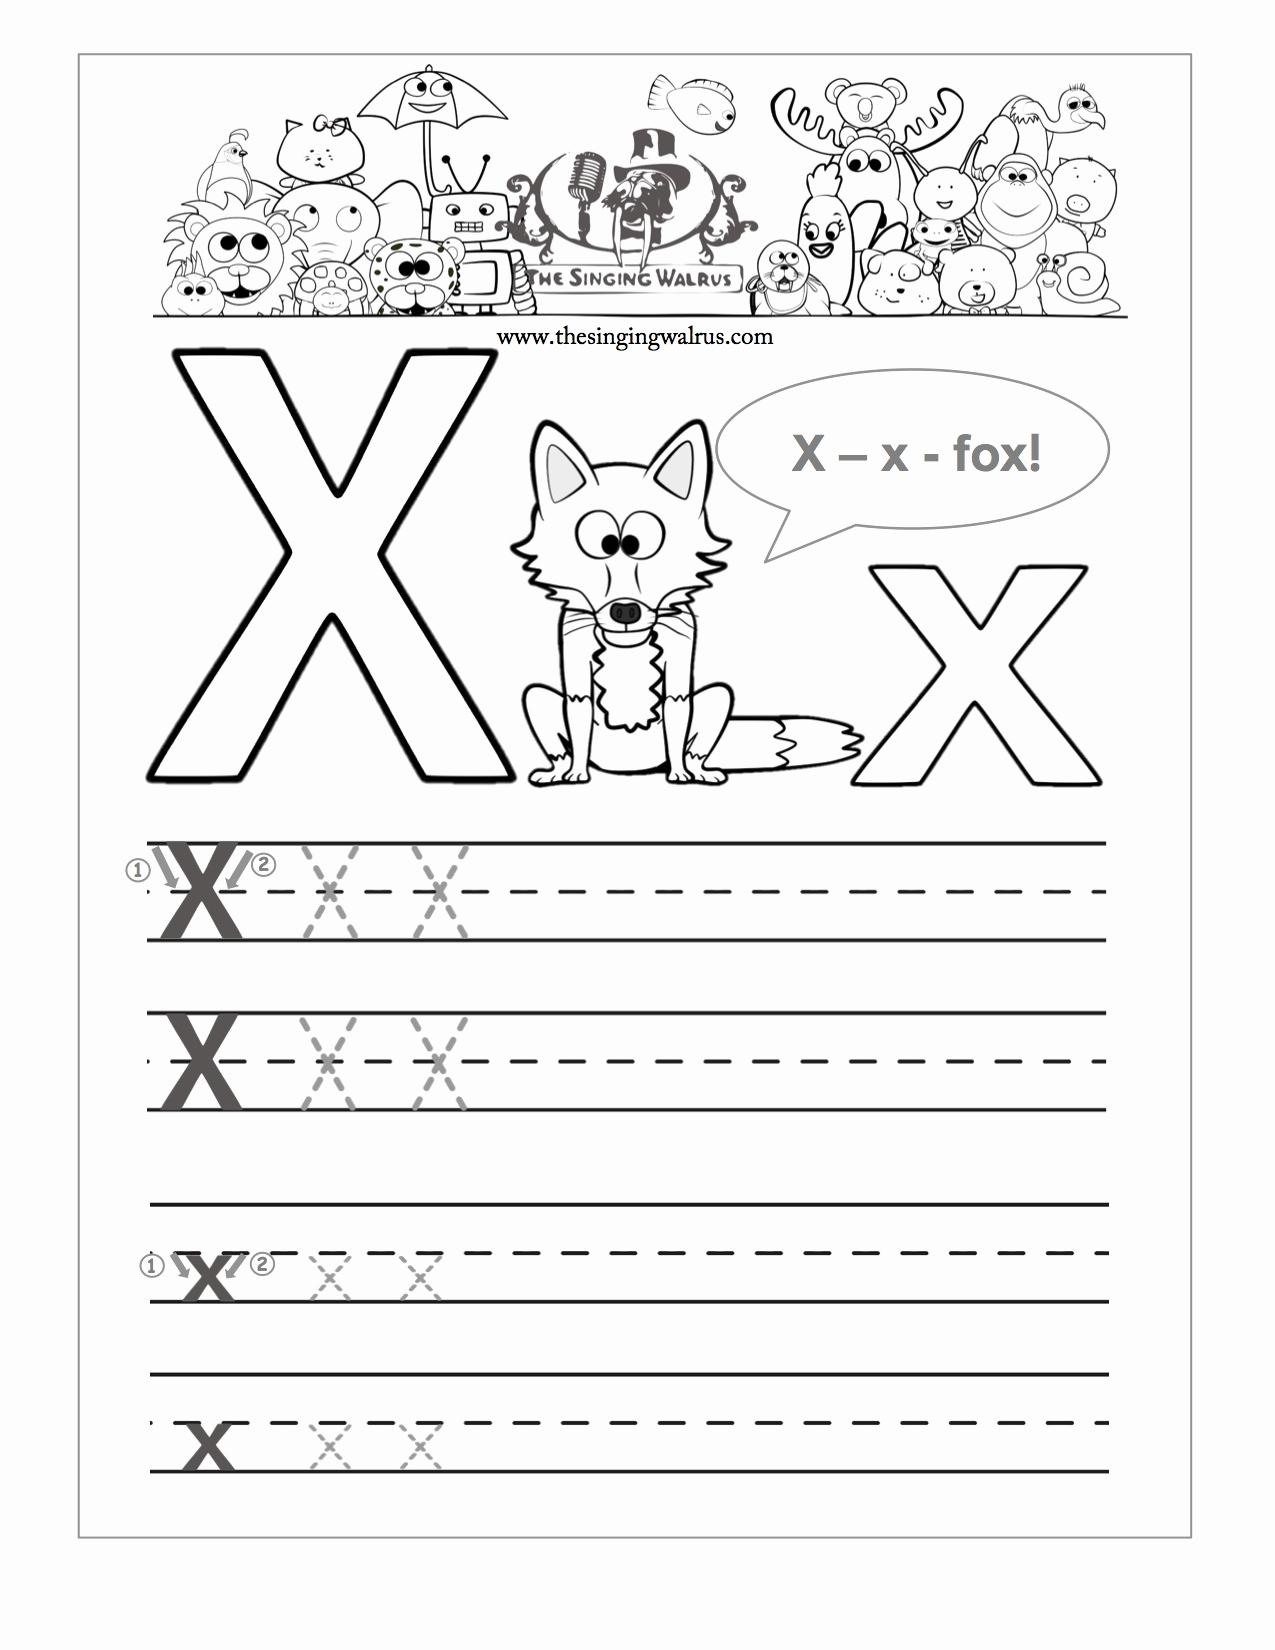 Letter X Worksheets for Kindergarten New Letter X Worksheets